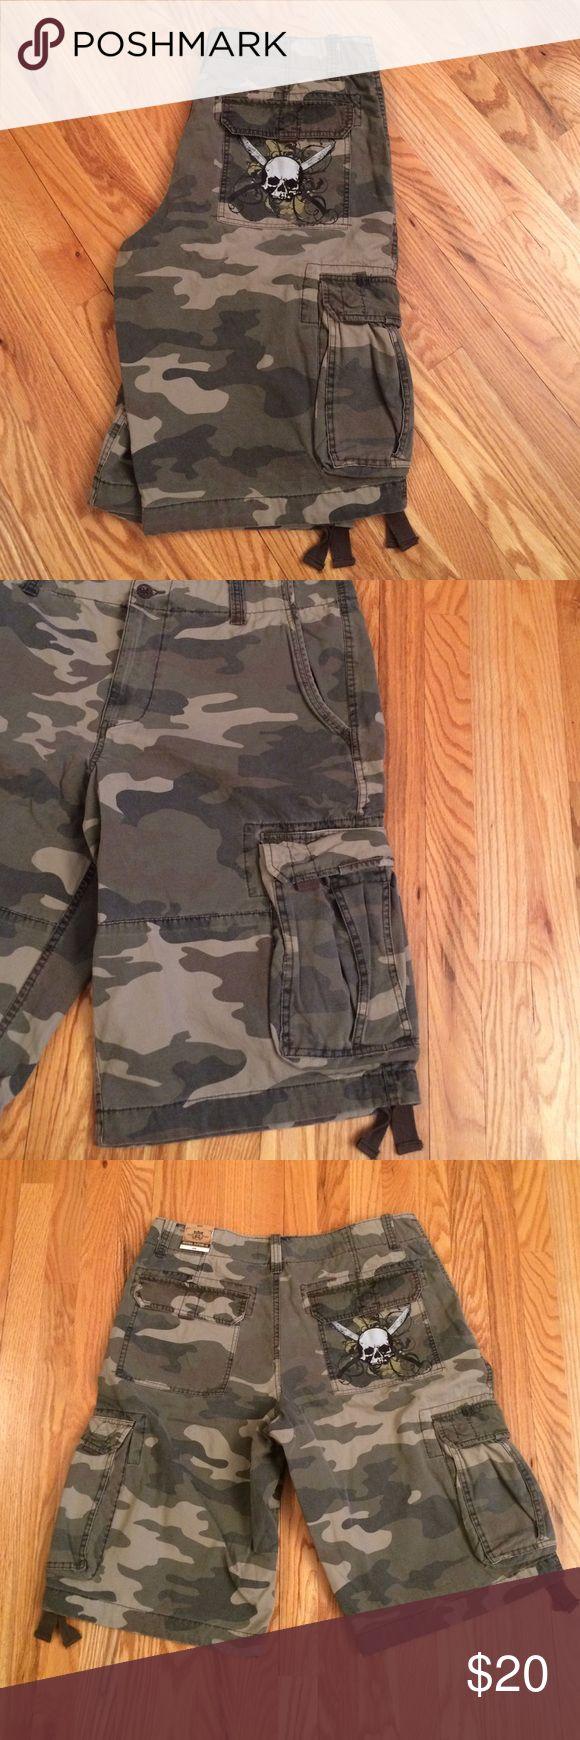 Camo Shorts with Skull Pocket NWT'S Camo Shorts with Skull Pocket NWT'S. Size 38W Route 66 Shorts